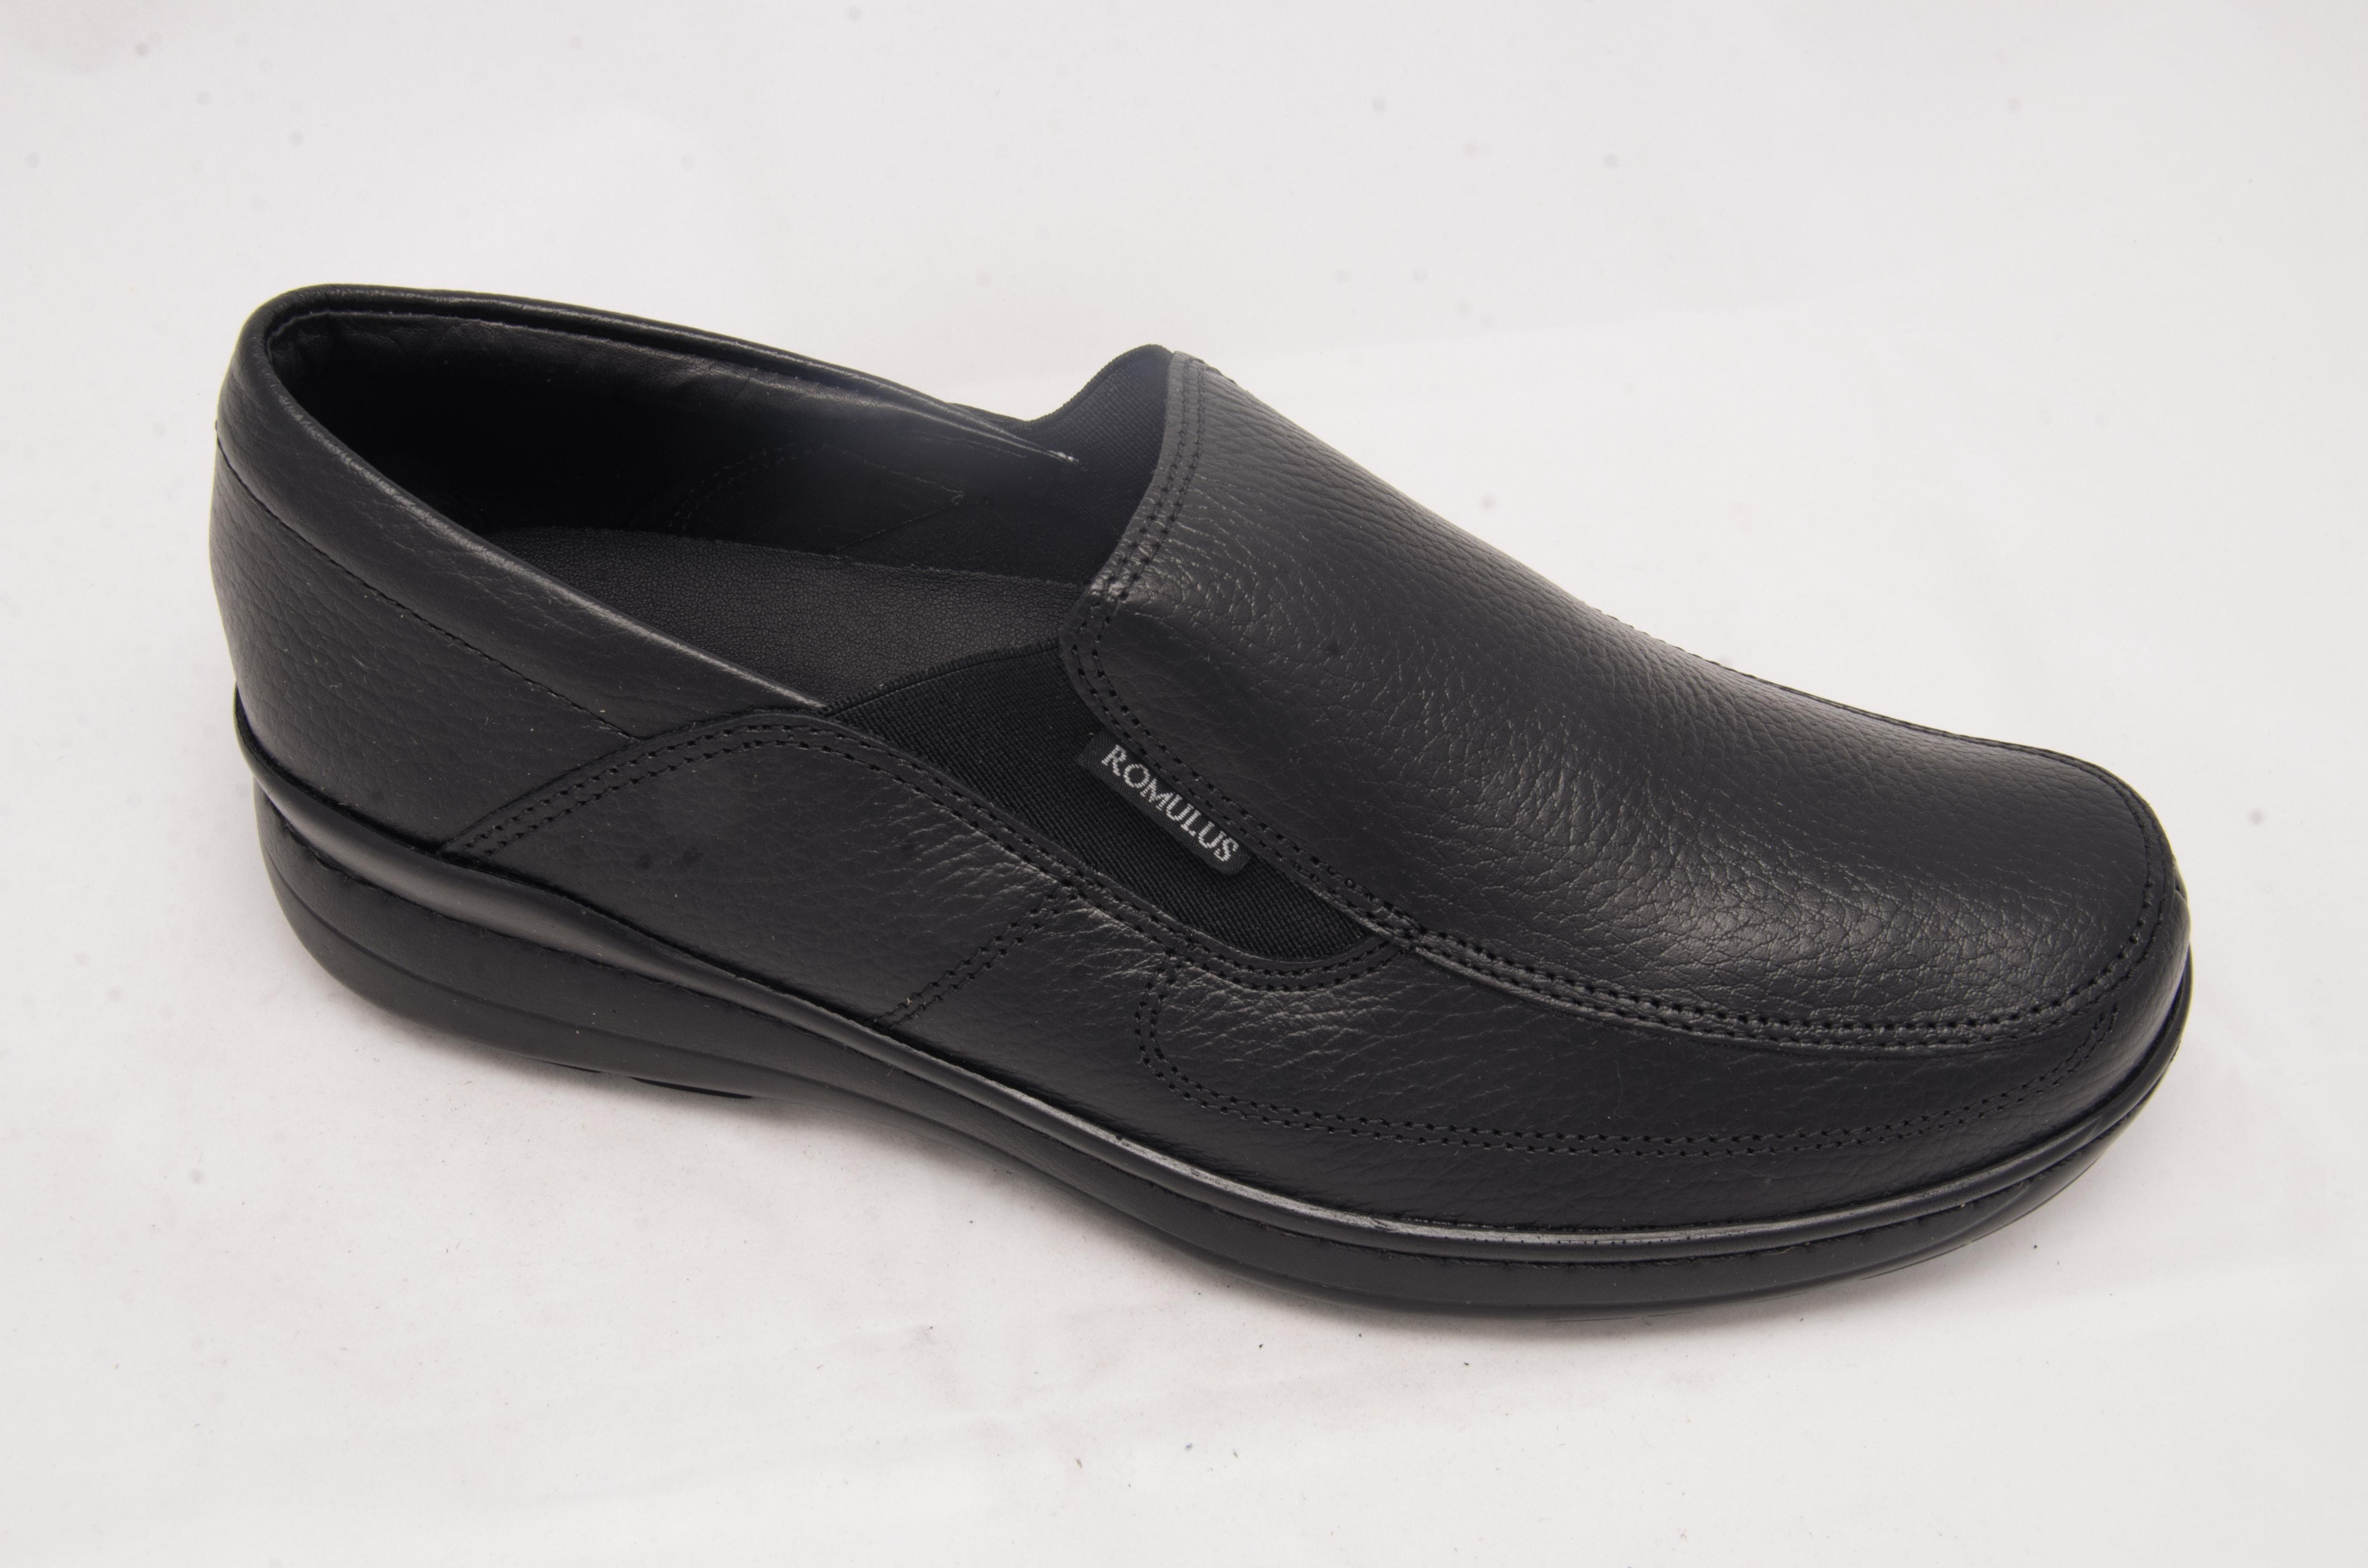 beee24132d el botín de Andrés zapatos - Zapatos